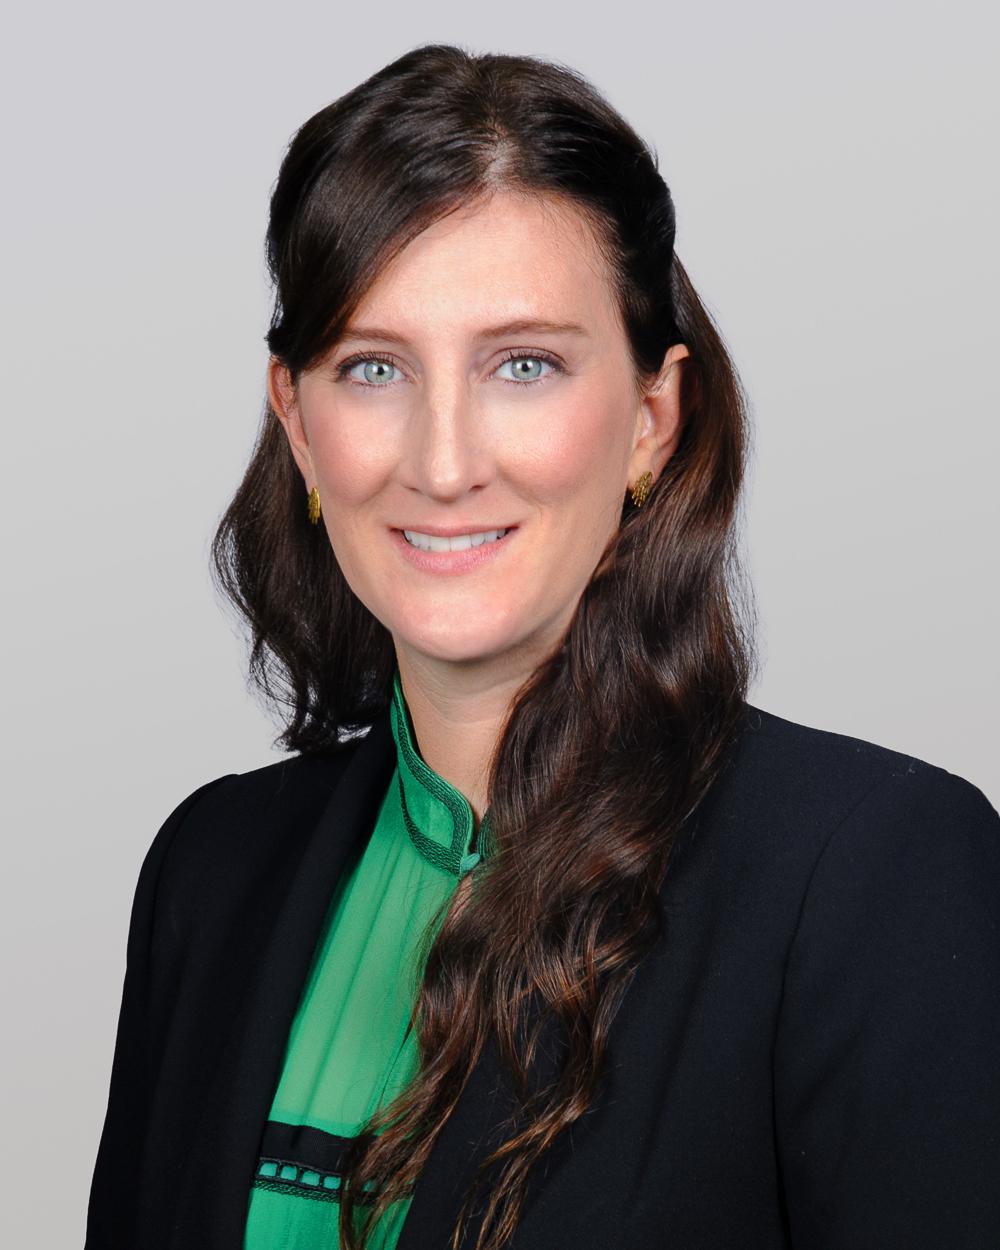 Amanda Len